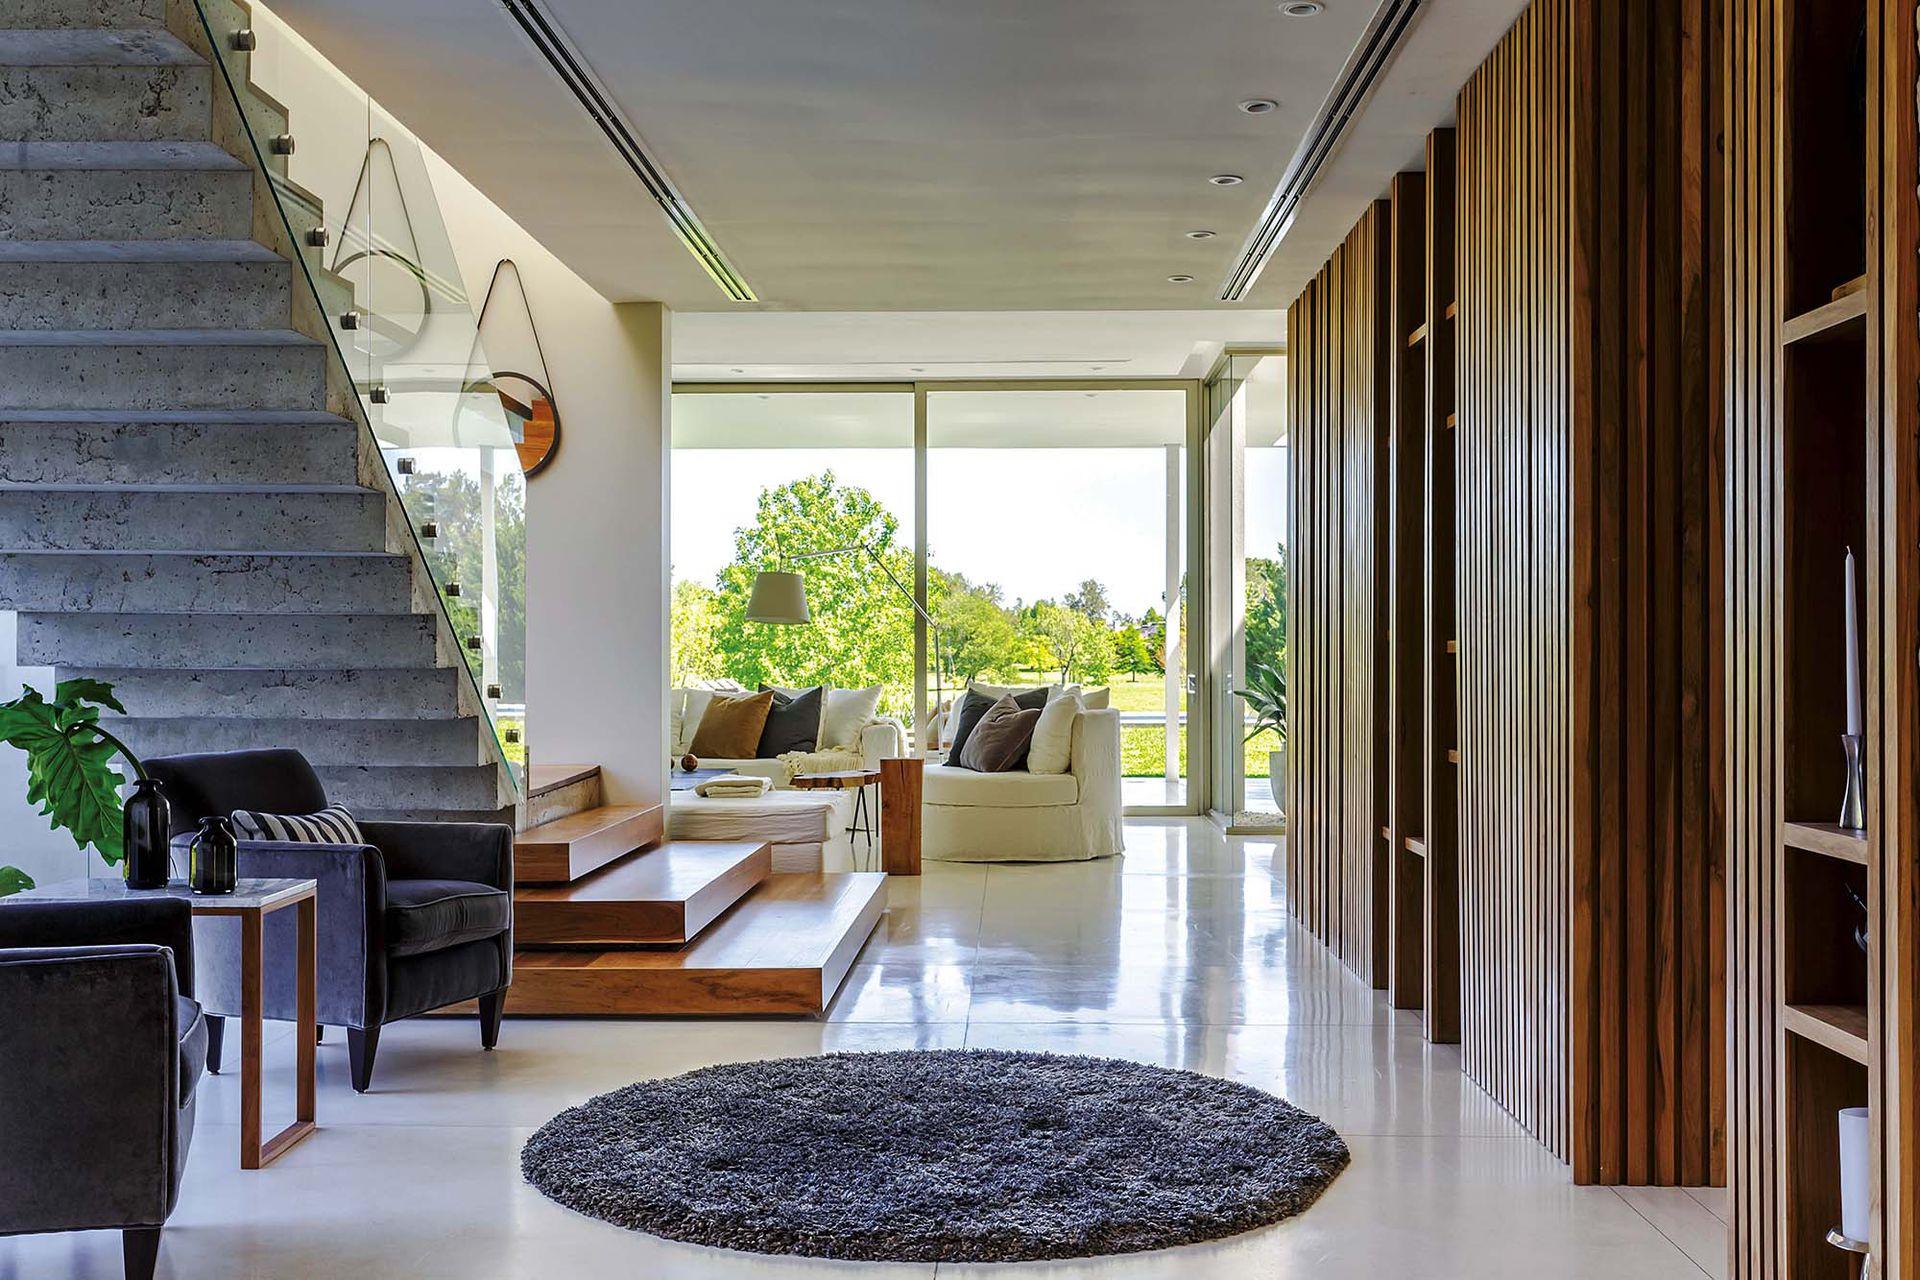 A un lado del hall, mueble divisor en petiribí (Fernando Moy) con espacios de guardado y columnas que se van separando gradualmente a medida que avanzan hacia el ventanal. Dentro de su estructura hay una puerta oculta hacia la cocina.